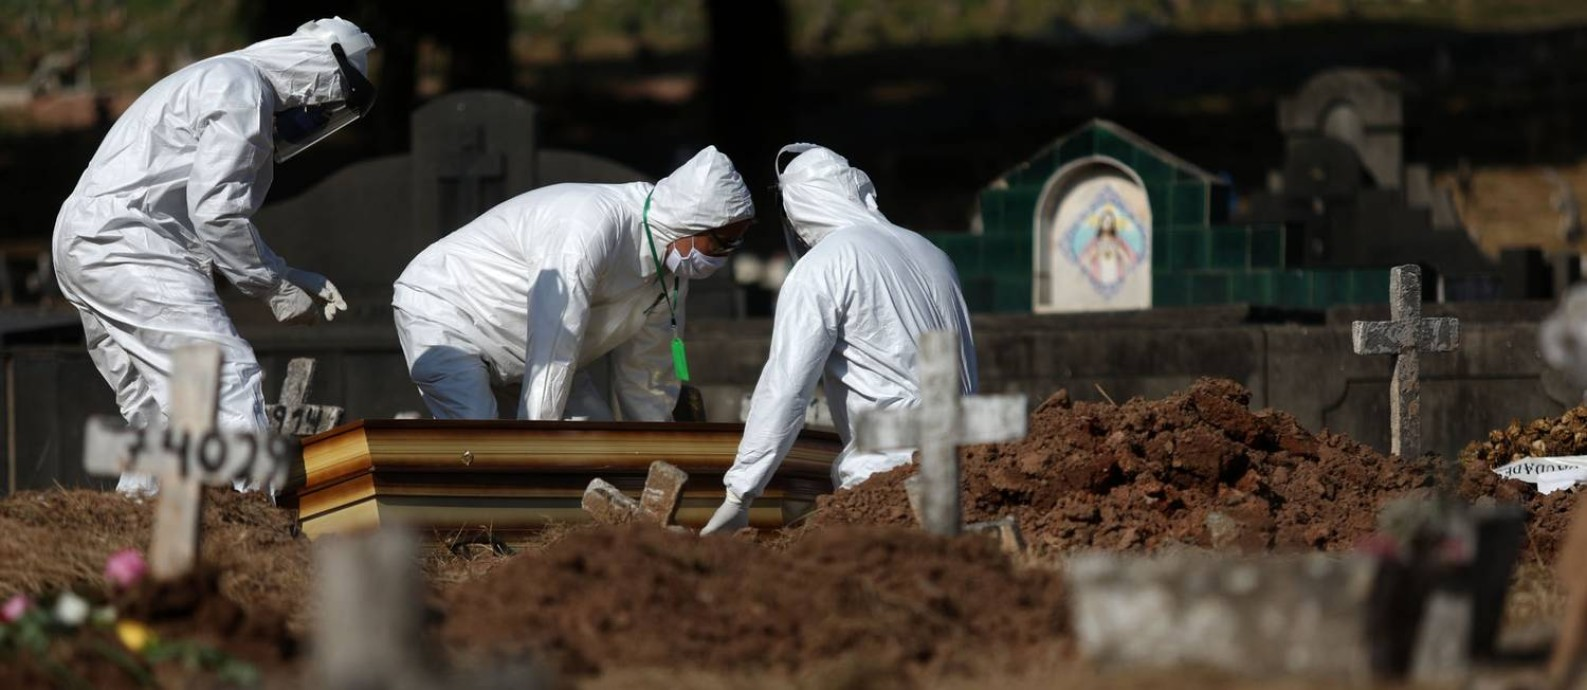 Vítima de Covid-19 é sepultada em cemitério do Rio: apesar de não haver velório, algumas empresas continuam a cobrarpor aluguel de capela Foto: Fábio Motta / Agência O Globo